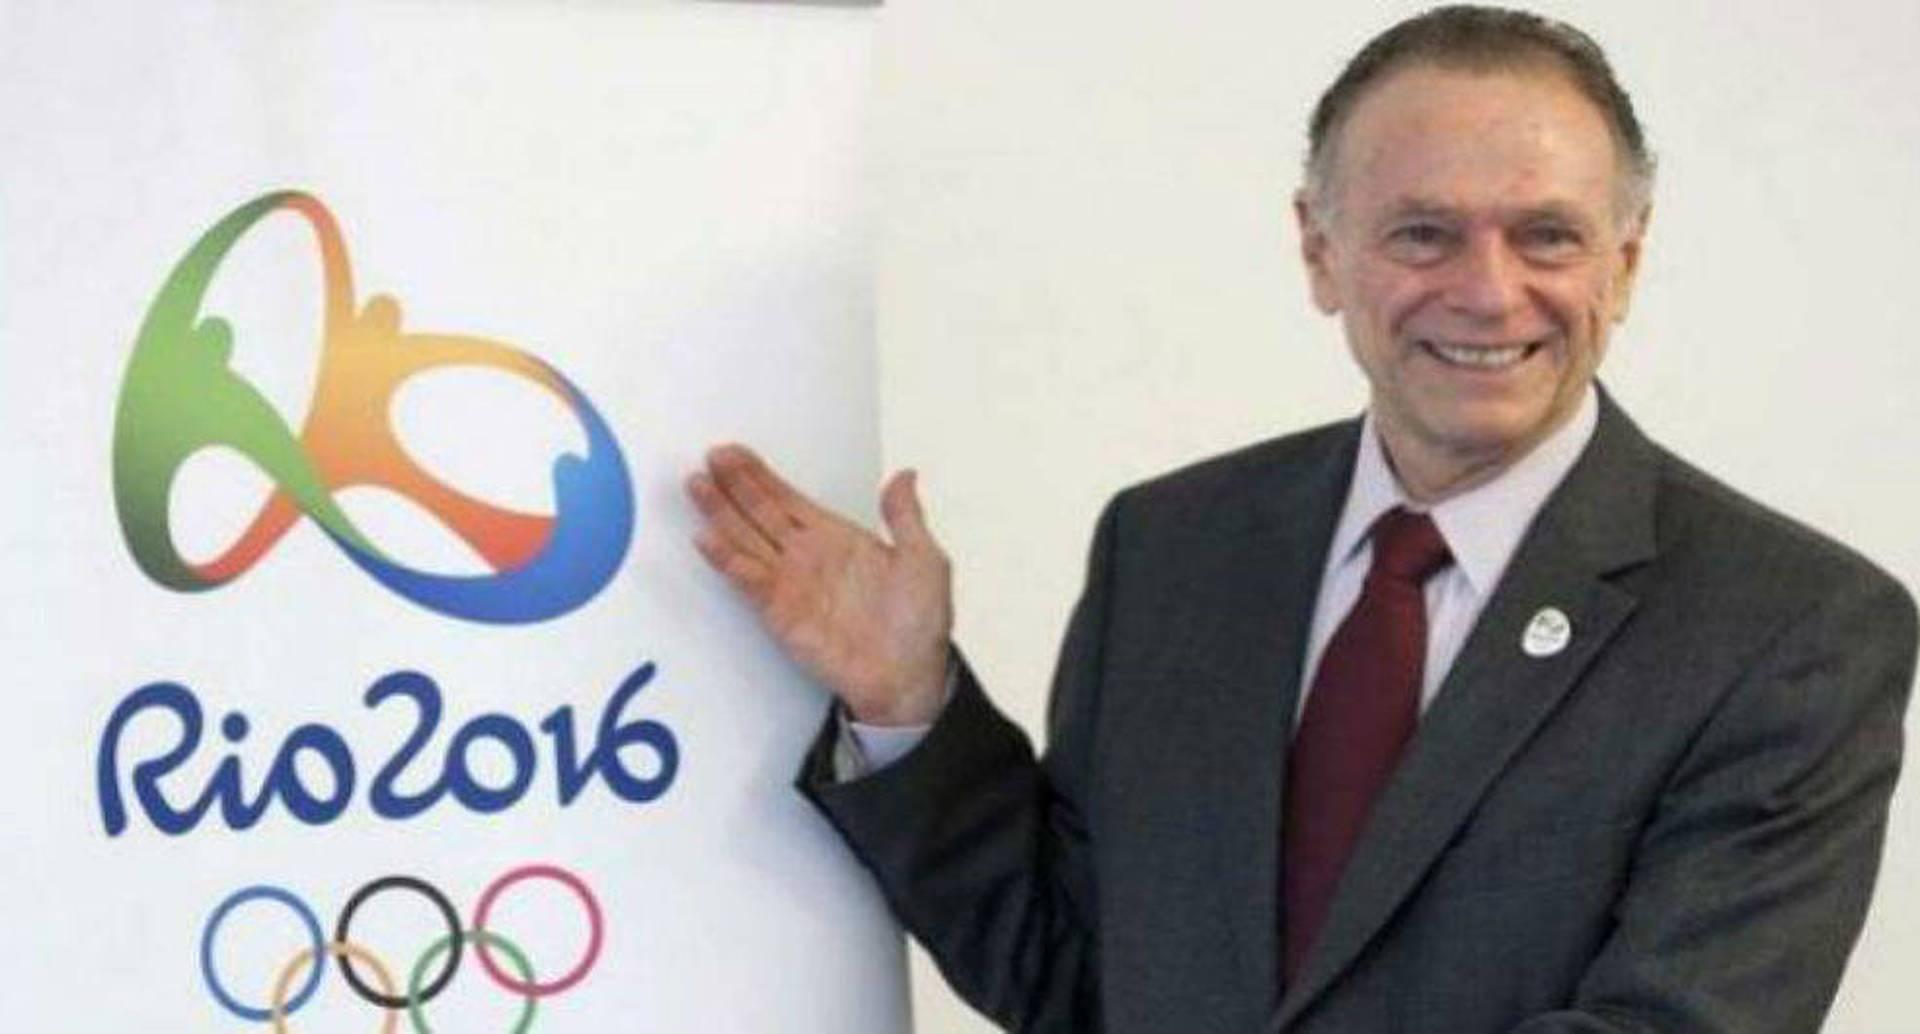 Carlos Arthur Nuzman, presidente del Comité Olímpico de Brasil, es acusado por sobornar los votos que definirían el destino de las olimpiadas de 2016. Foto: Agencia AFP